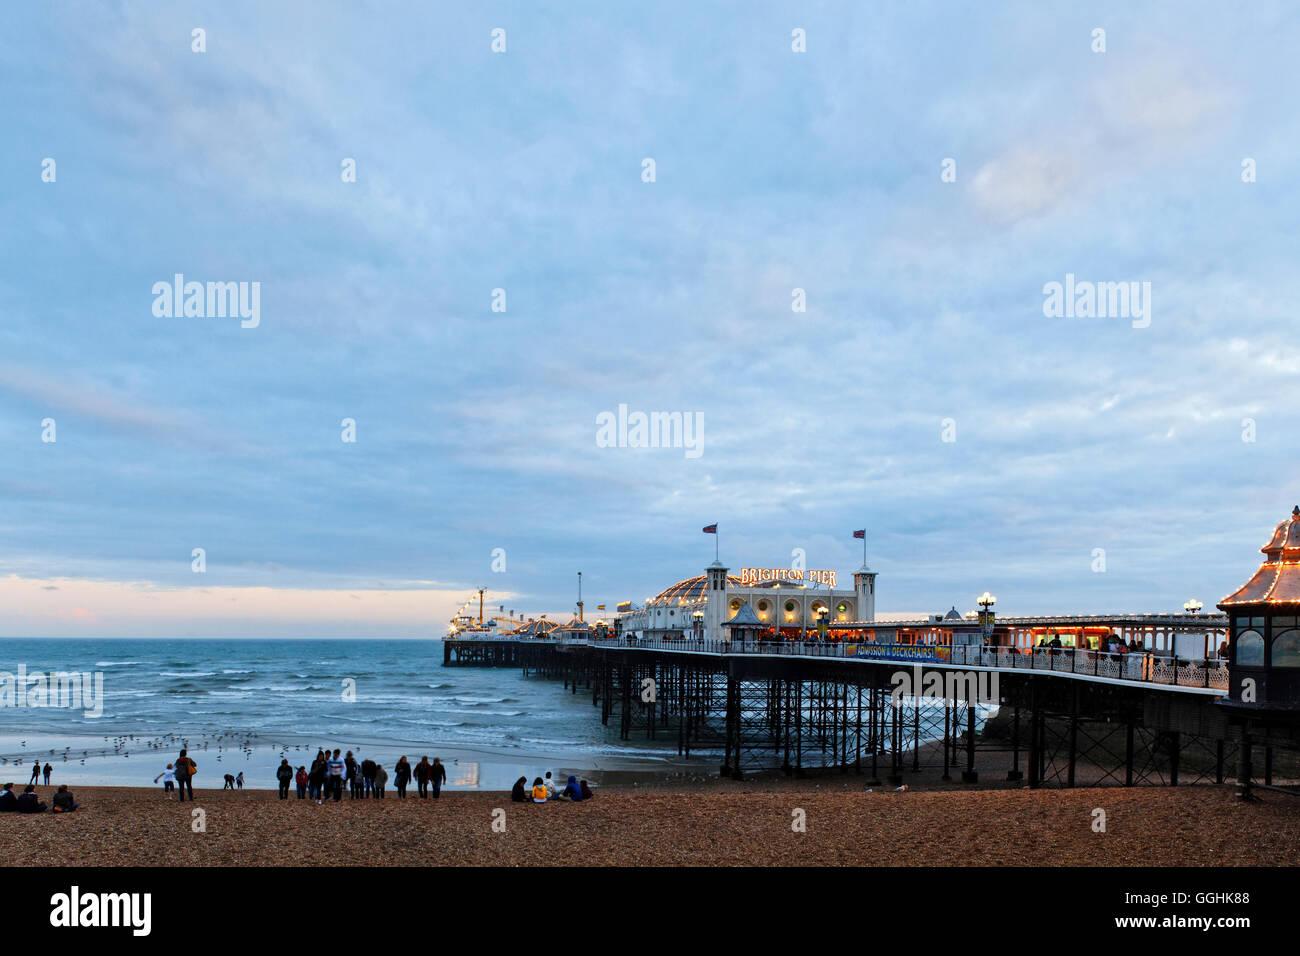 Brighton Pier, Brighton, East Sussex, England, Great Britain - Stock Image